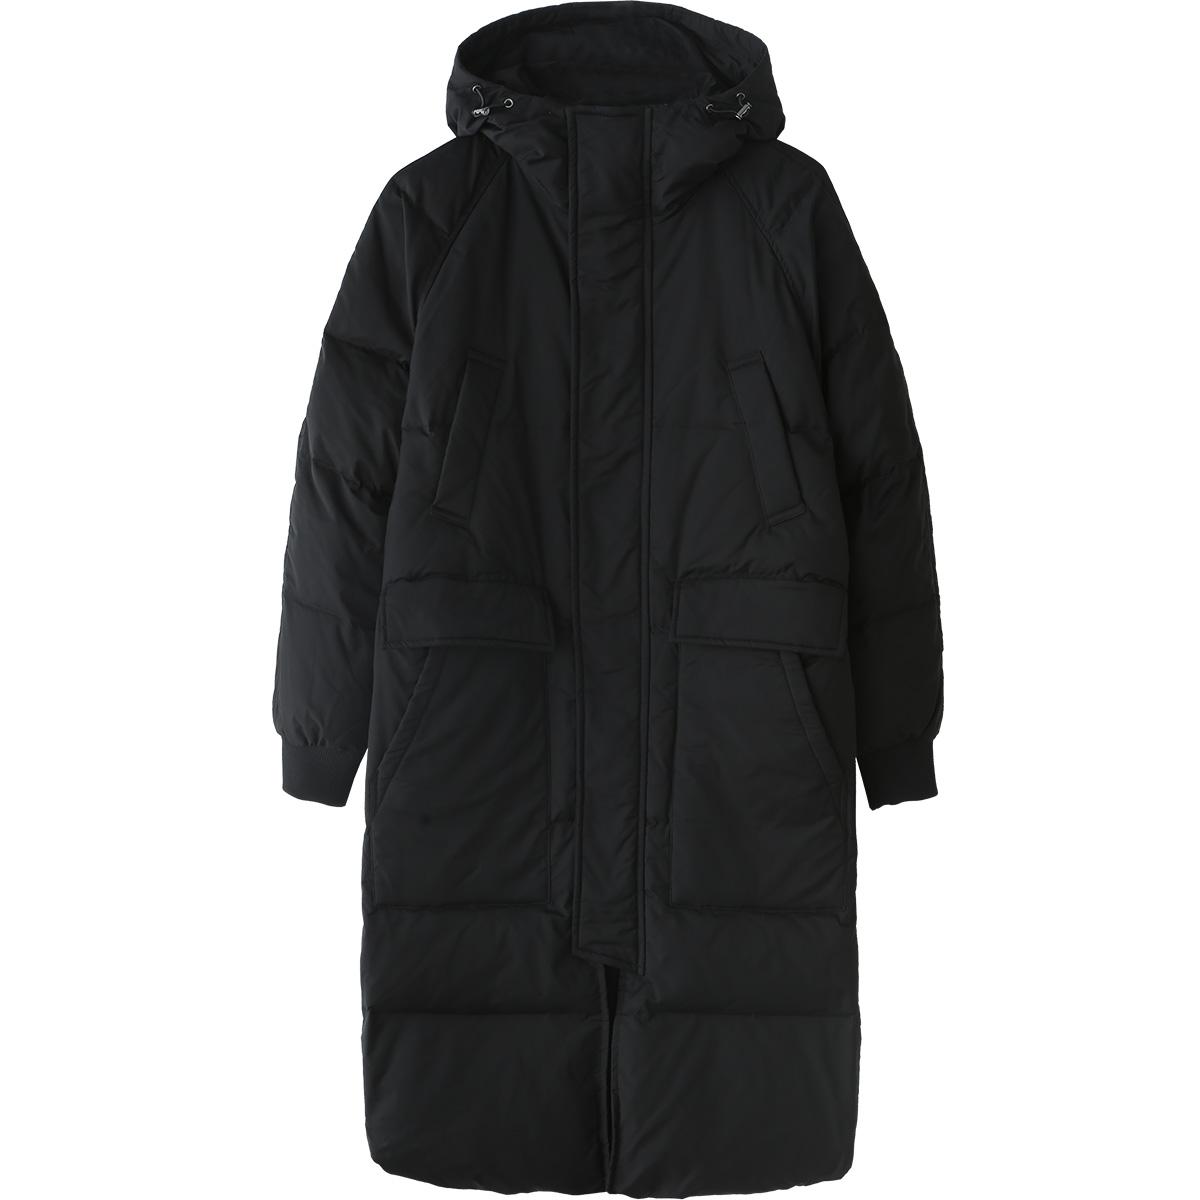 马克华菲羽绒服男潮长款 冬款ins韩版潮流连帽男士加厚保暖外套